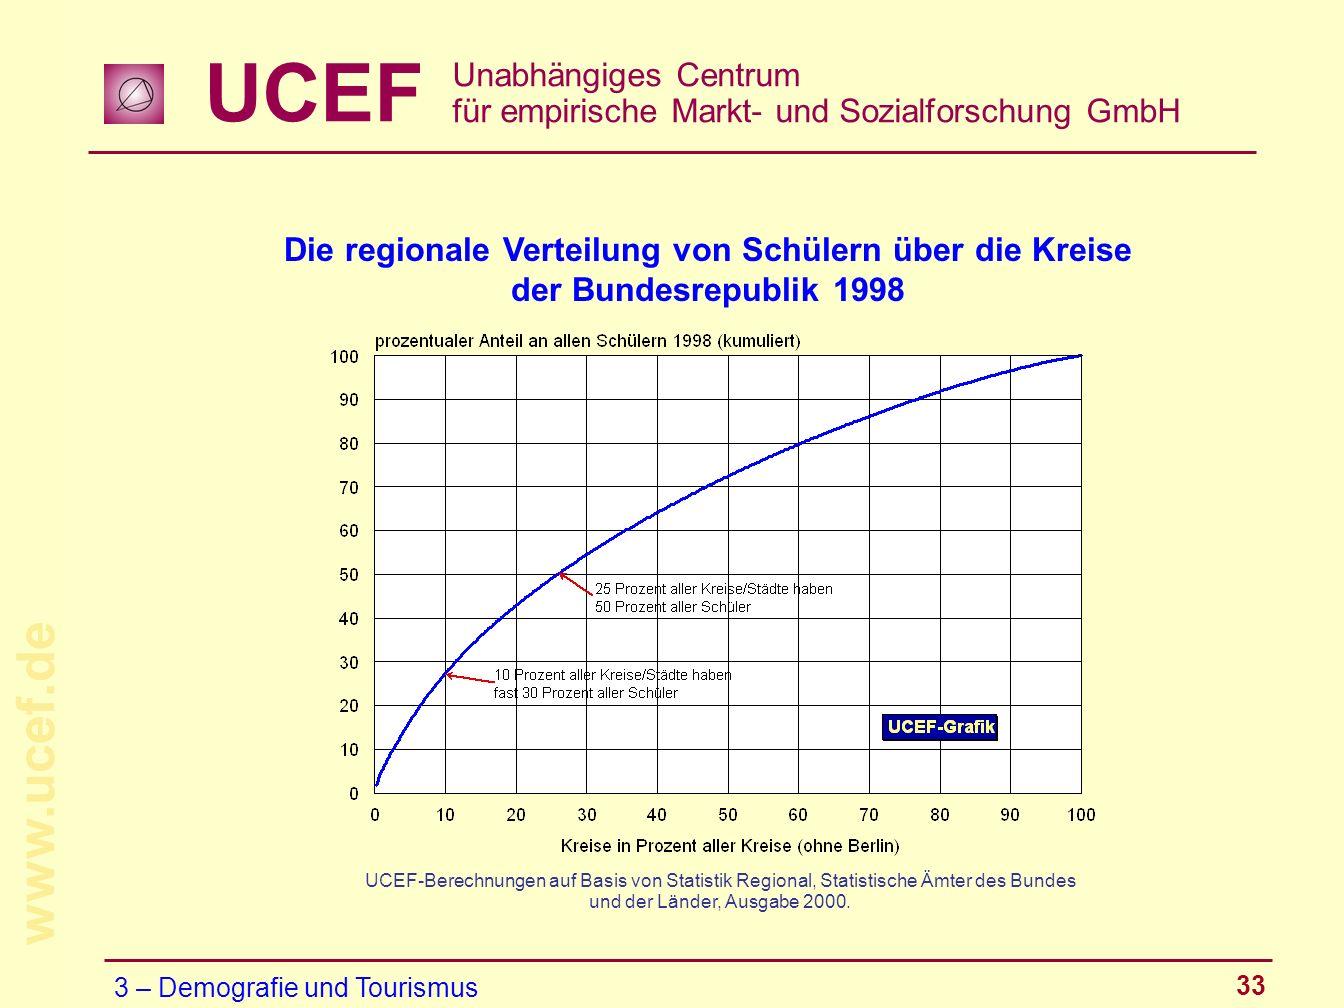 UCEF Unabhängiges Centrum für empirische Markt- und Sozialforschung GmbH www.ucef.de 33 Die regionale Verteilung von Schülern über die Kreise der Bund